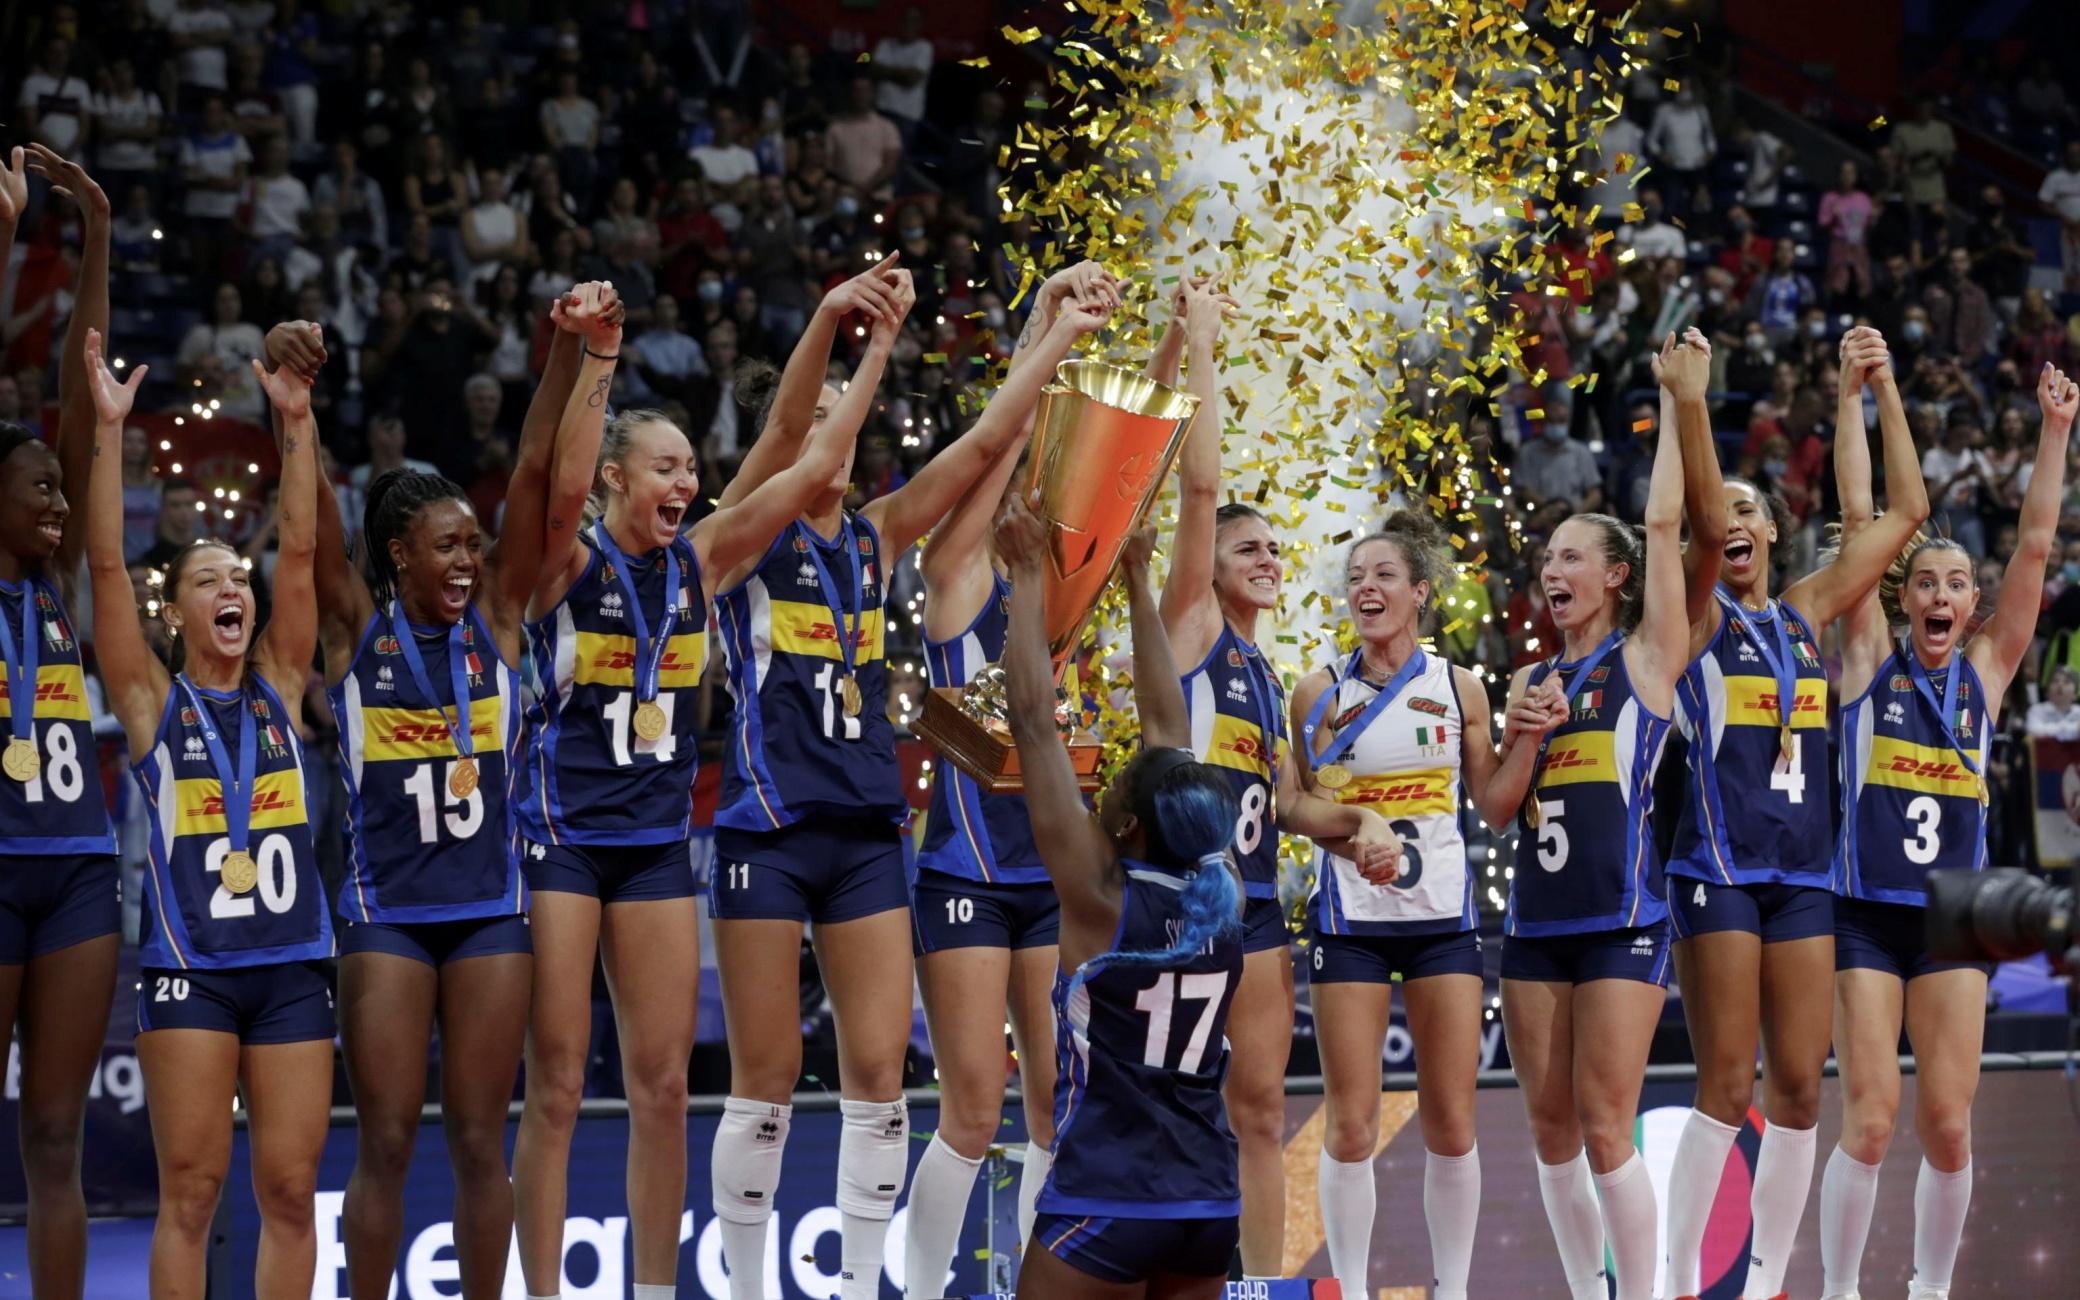 italia-pallavolo-femminile-europei-oro-coppa